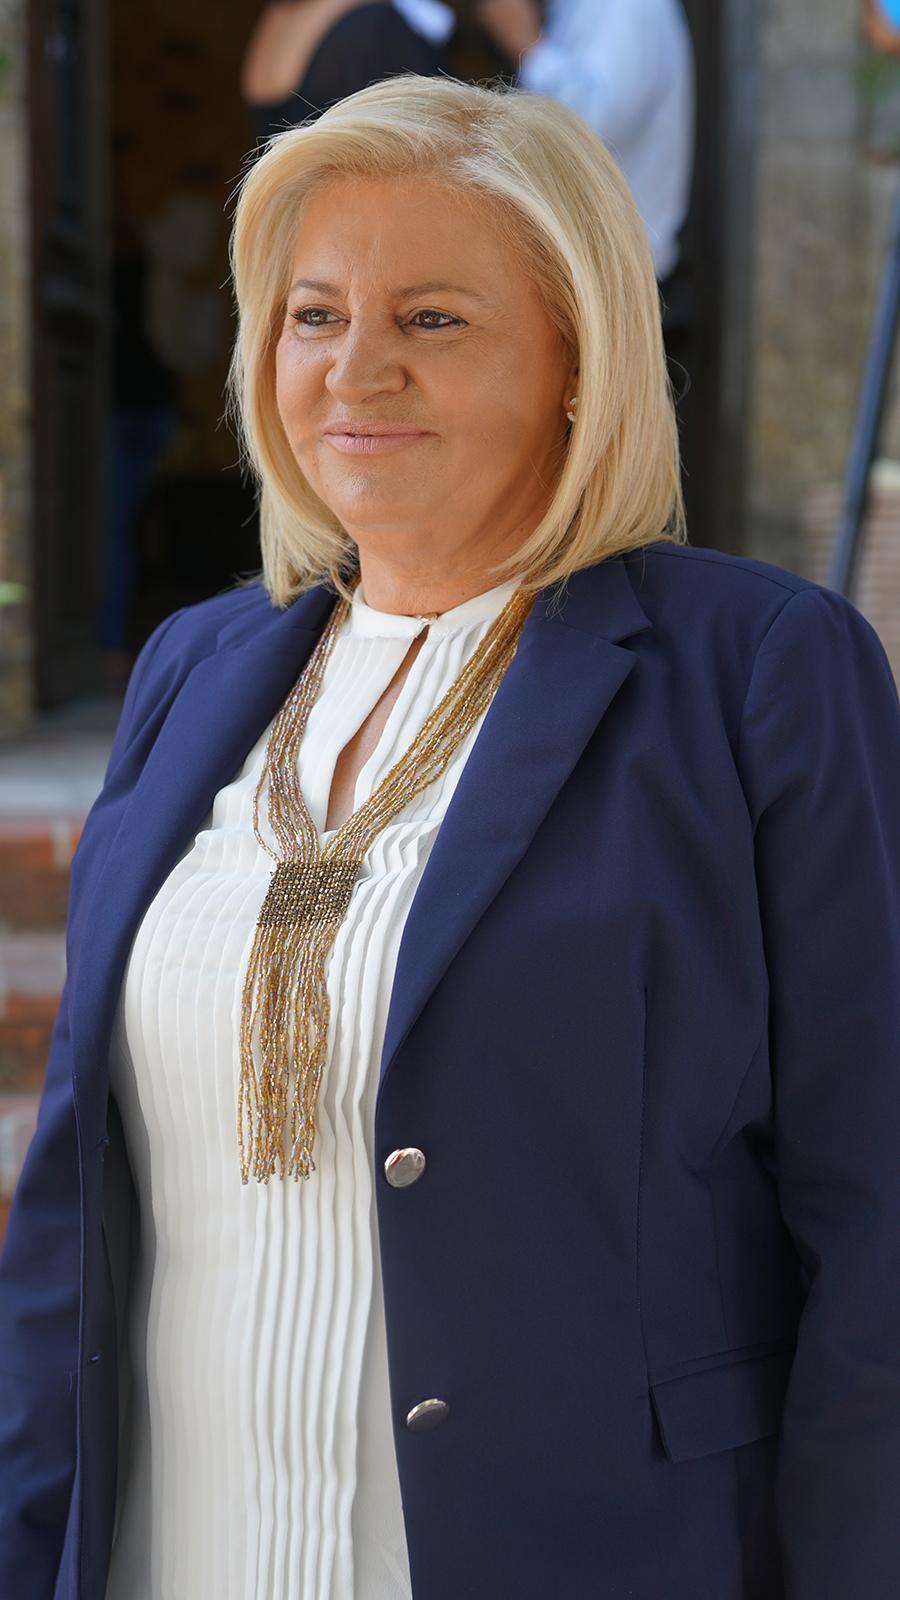 στο CEMR η Δήμαρχος Κασσάνδρας Αναστασία Χαλκιά